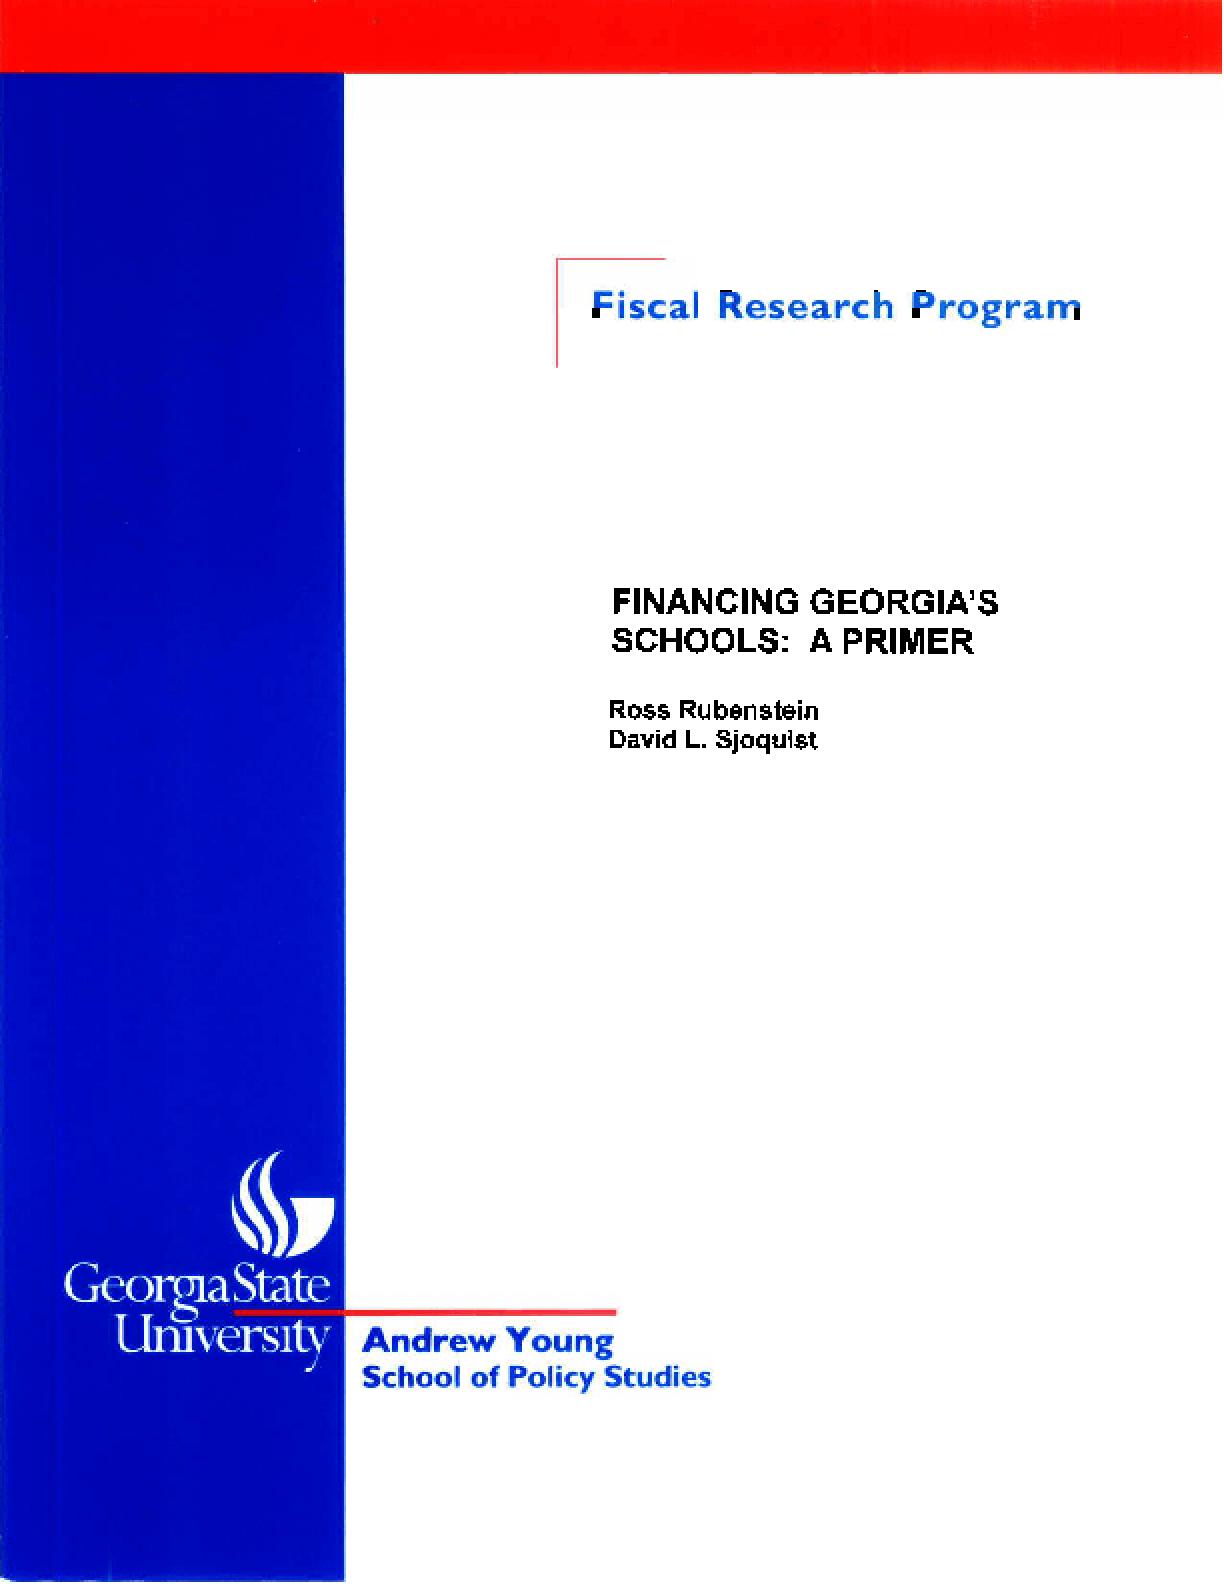 Financing Georgia's Schools: A Primer